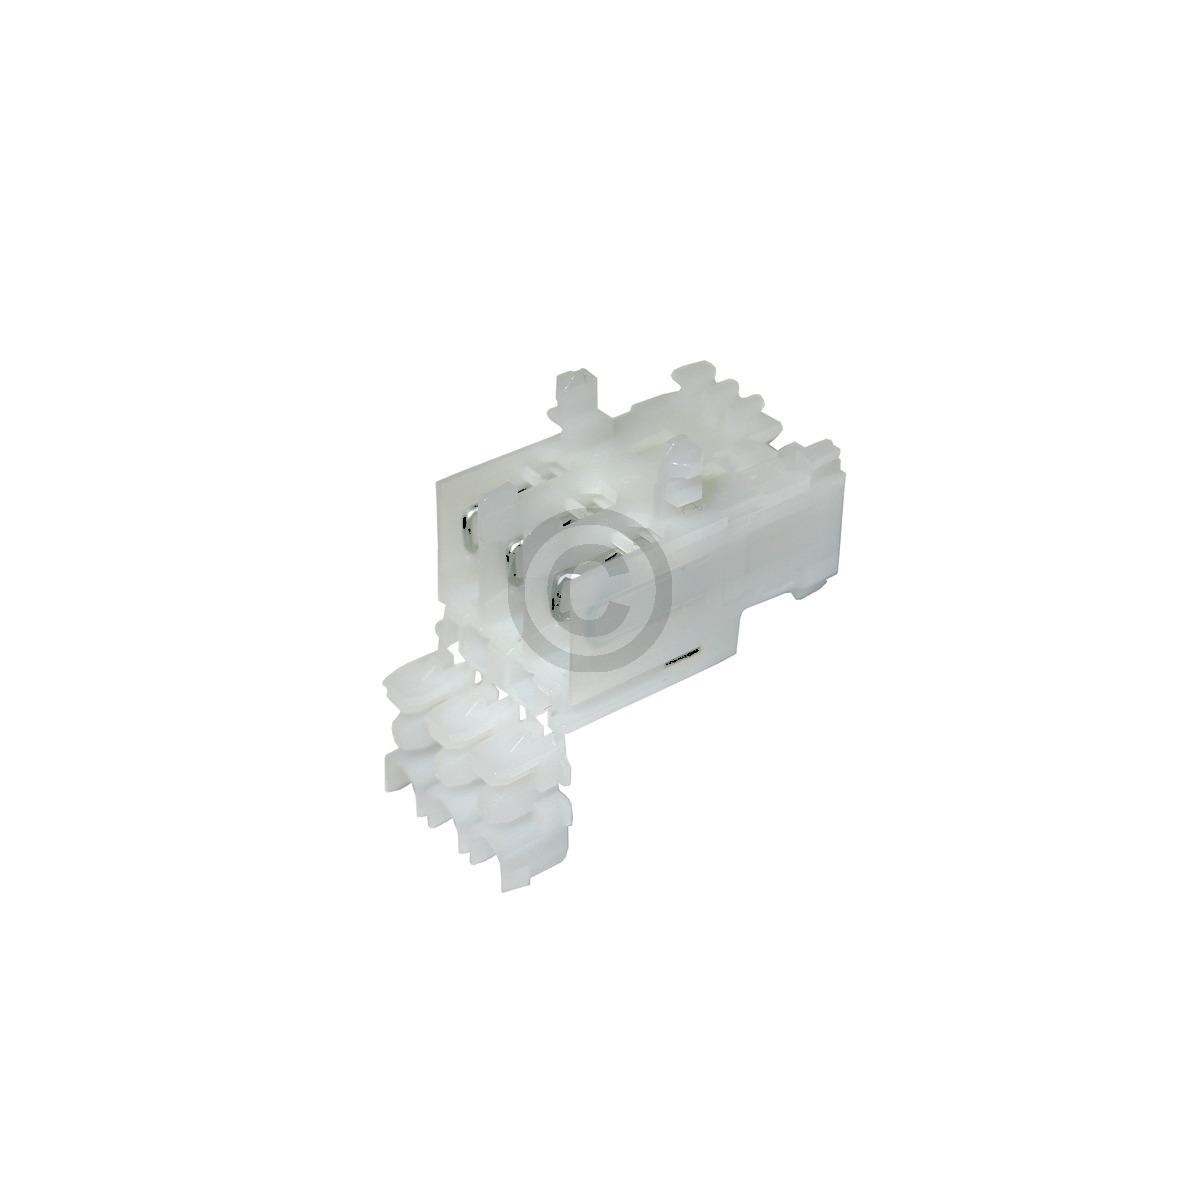 Steckergehäuse 3-polig für Motor 5685130 Miele